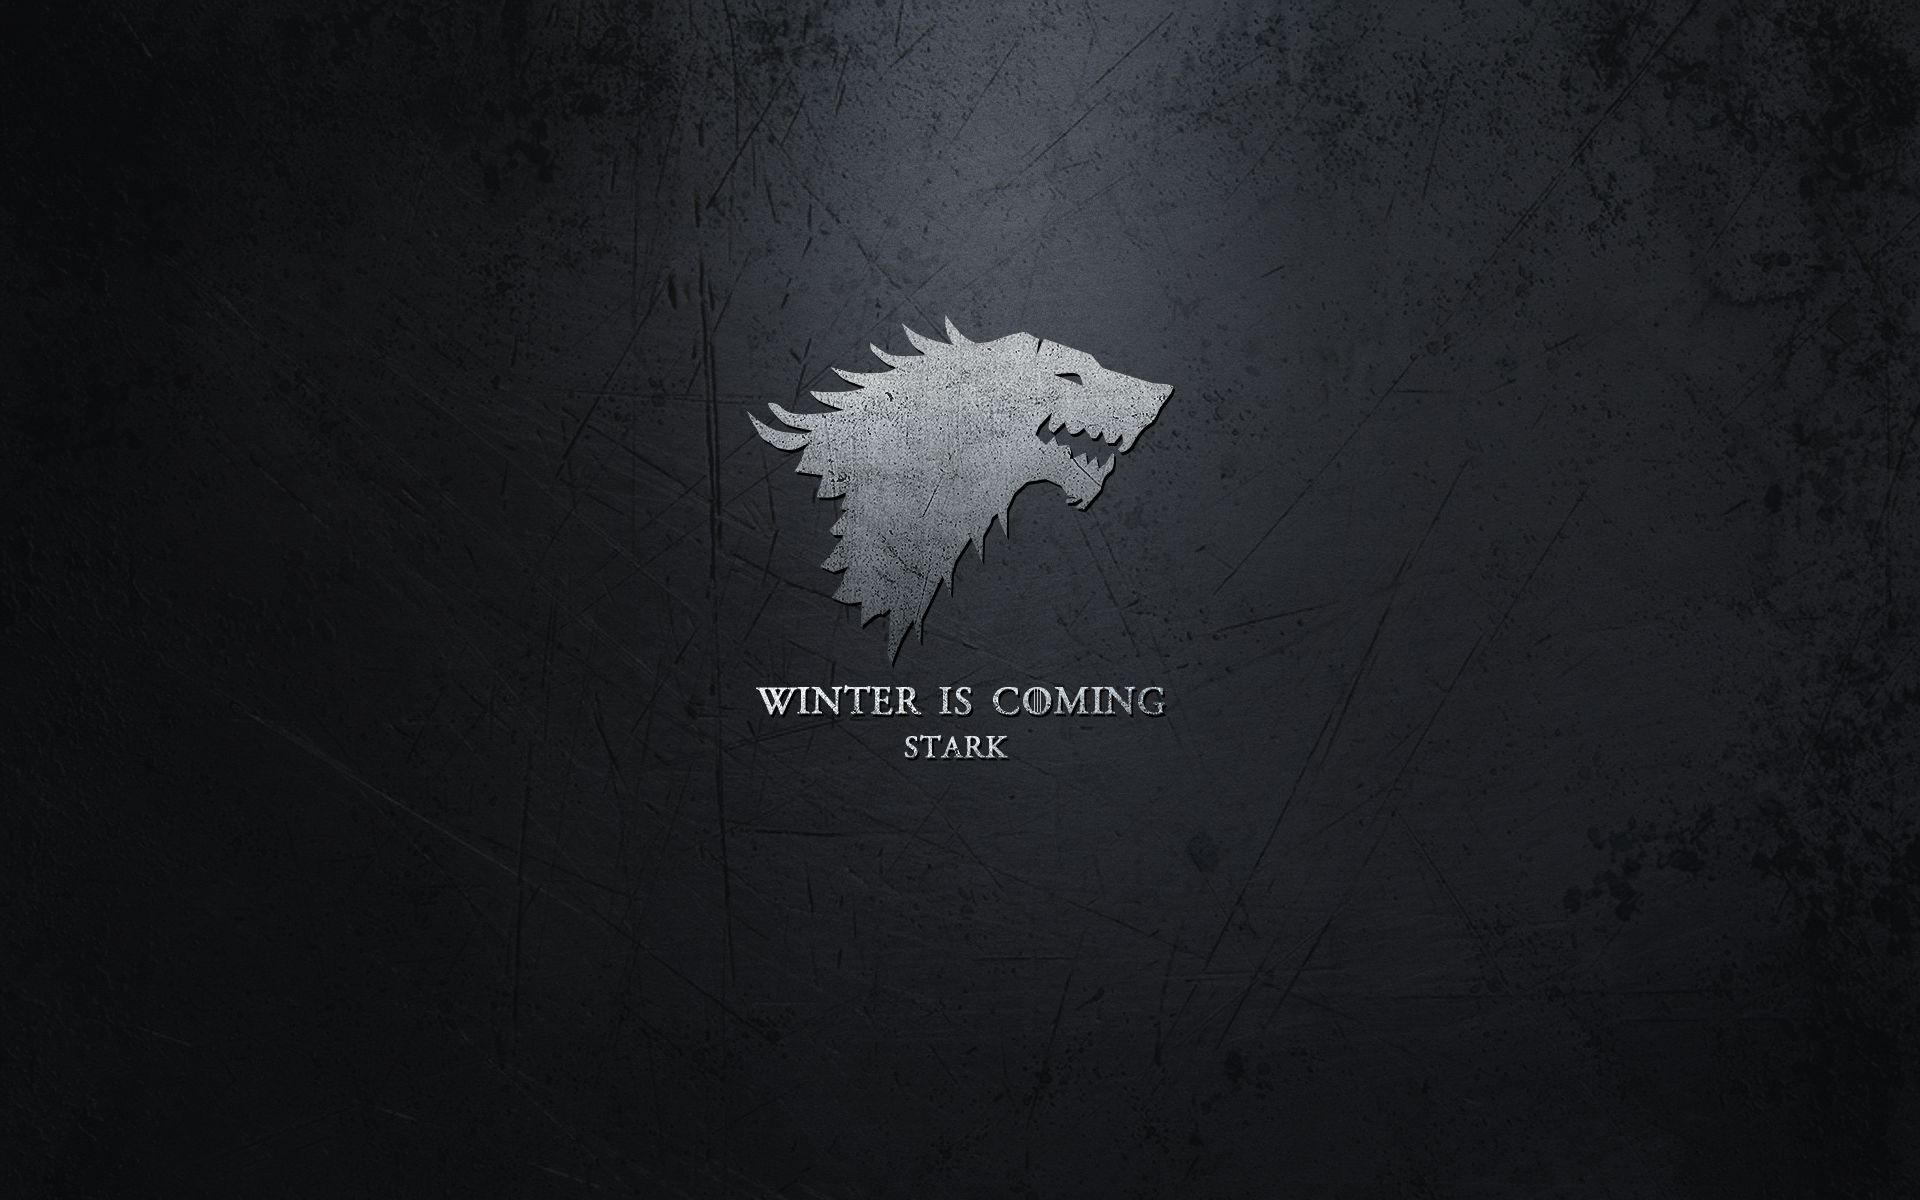 Winter Is Coming House Stark Desktop Wallpaper 1920x1200